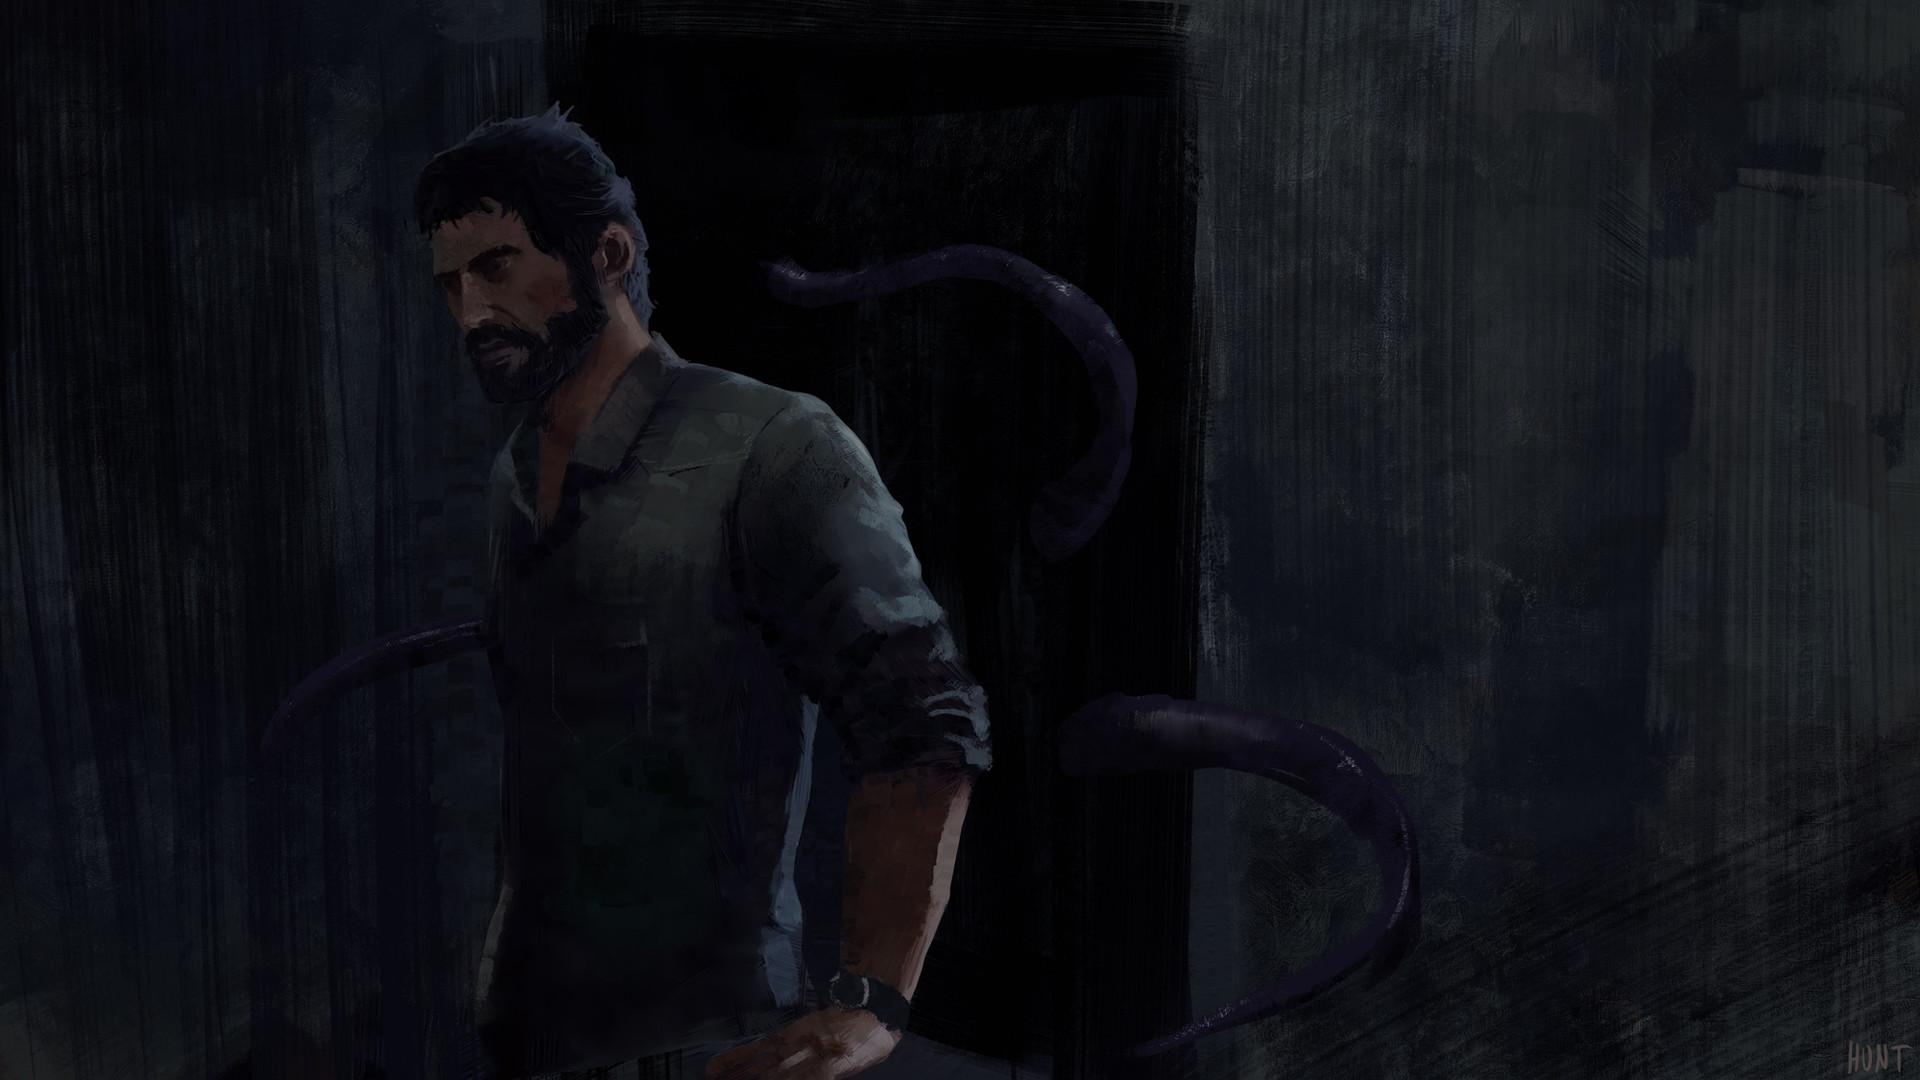 Cthulhu hunts Joel